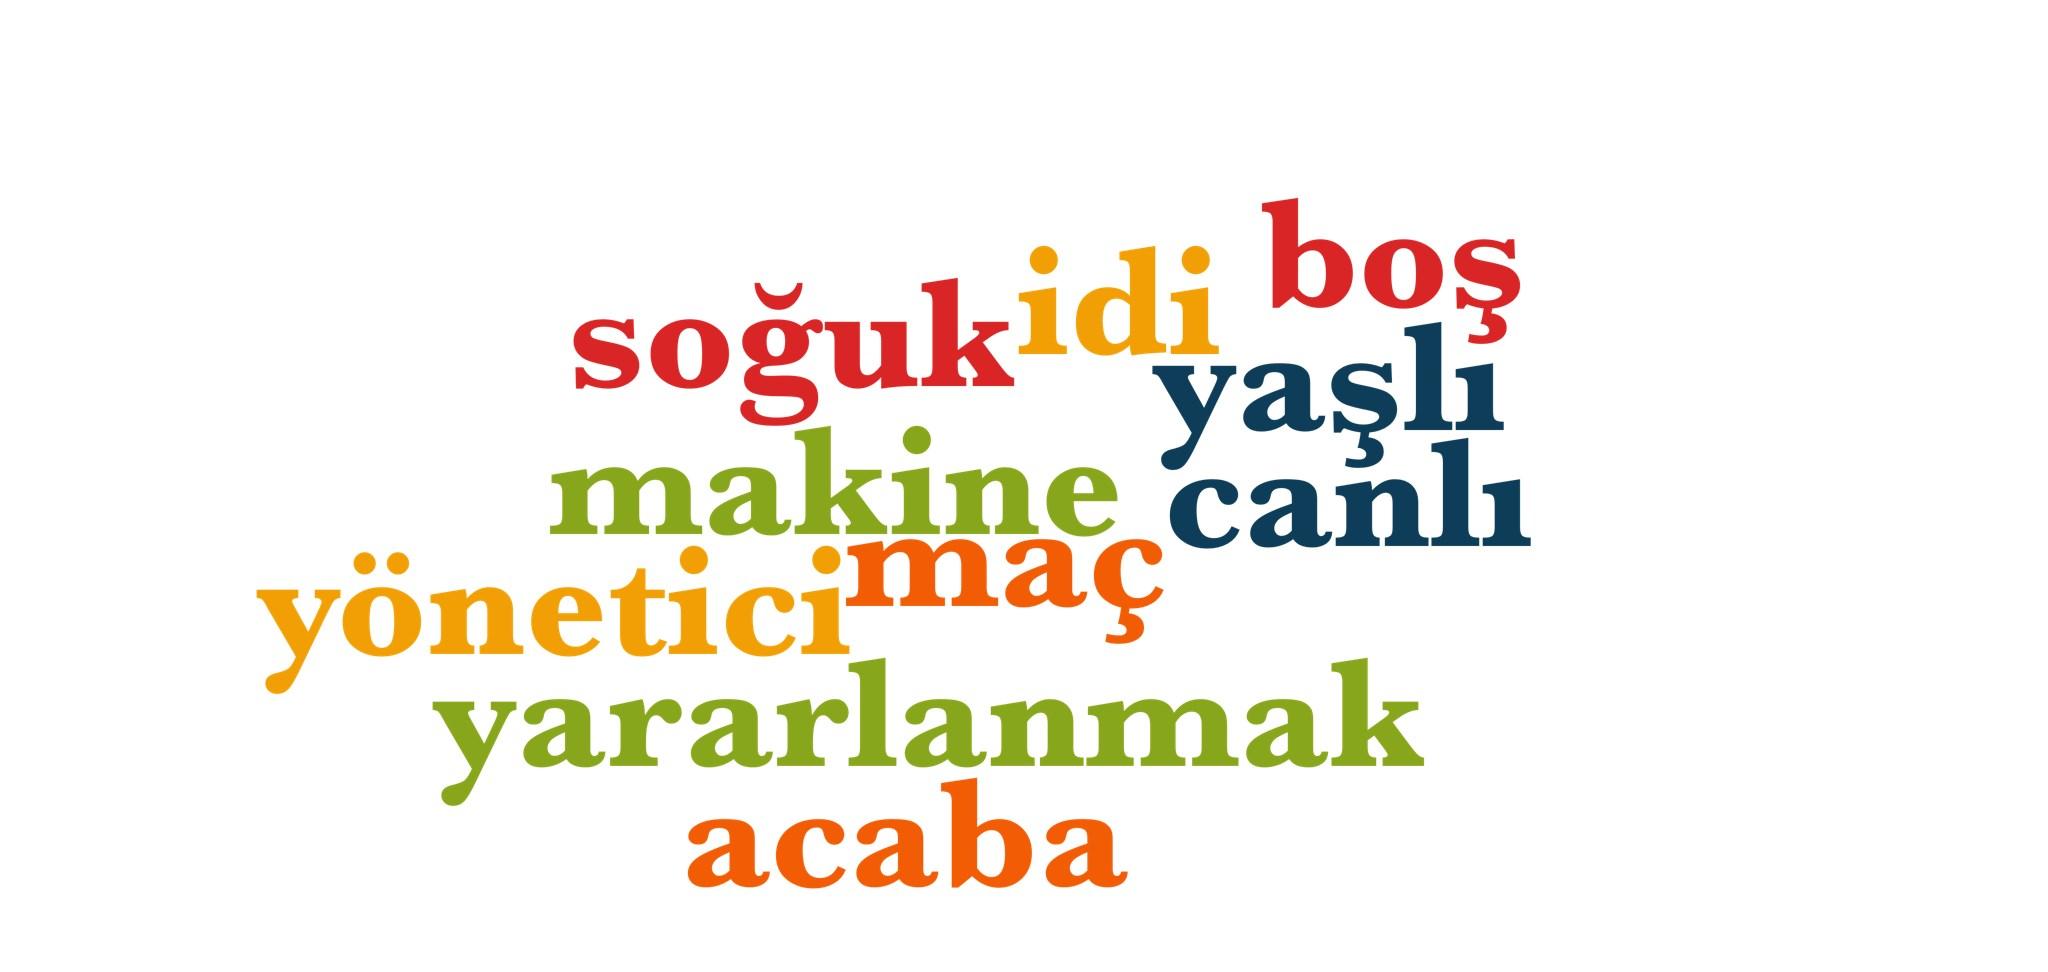 Wörter 671 bis 680 der 1000 häufigsten Wörter der türkischen Sprache